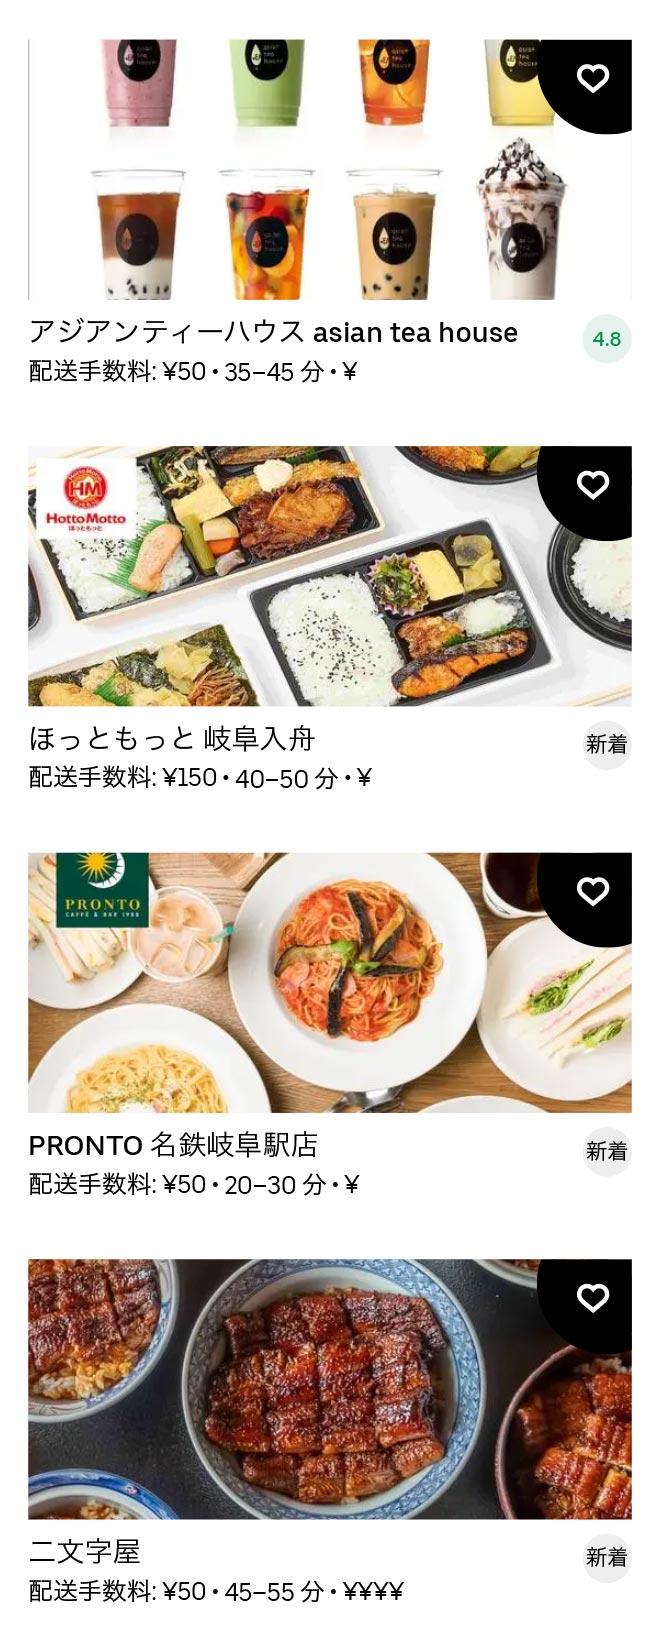 Meitetsu gifu menu 2012 03